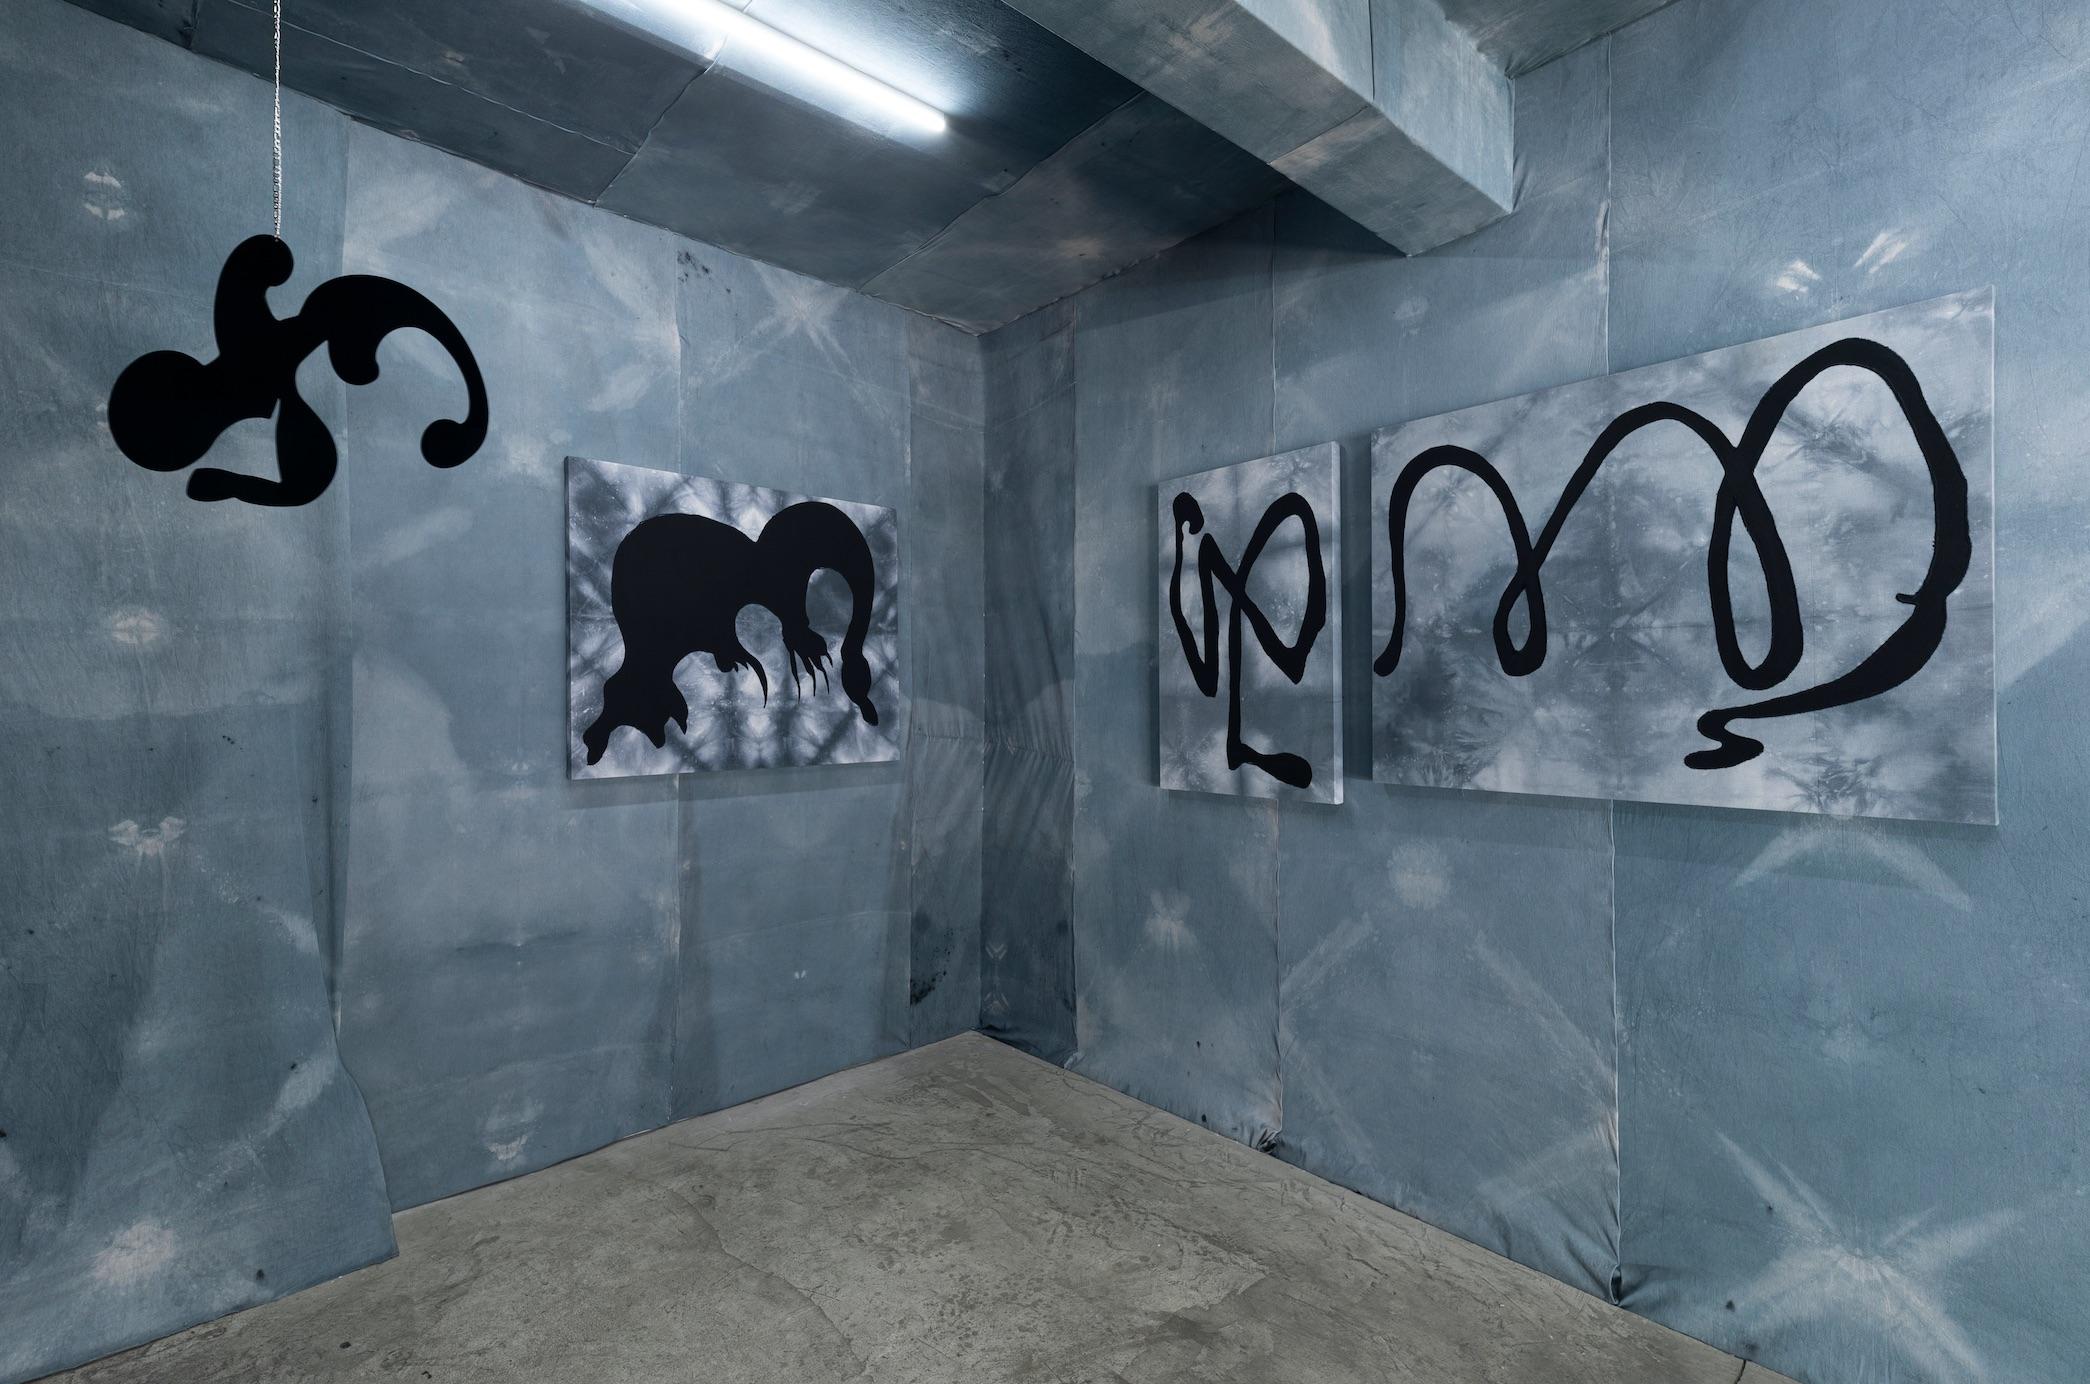 Installation view of Que el día se convierta en noche, Milagros Rojas, Salón Silicón, 2021. Photo: Jordán Rodríguez. Courtesy of the artist and Salón Silicon. Courtesy of the artist and Salón Silicon